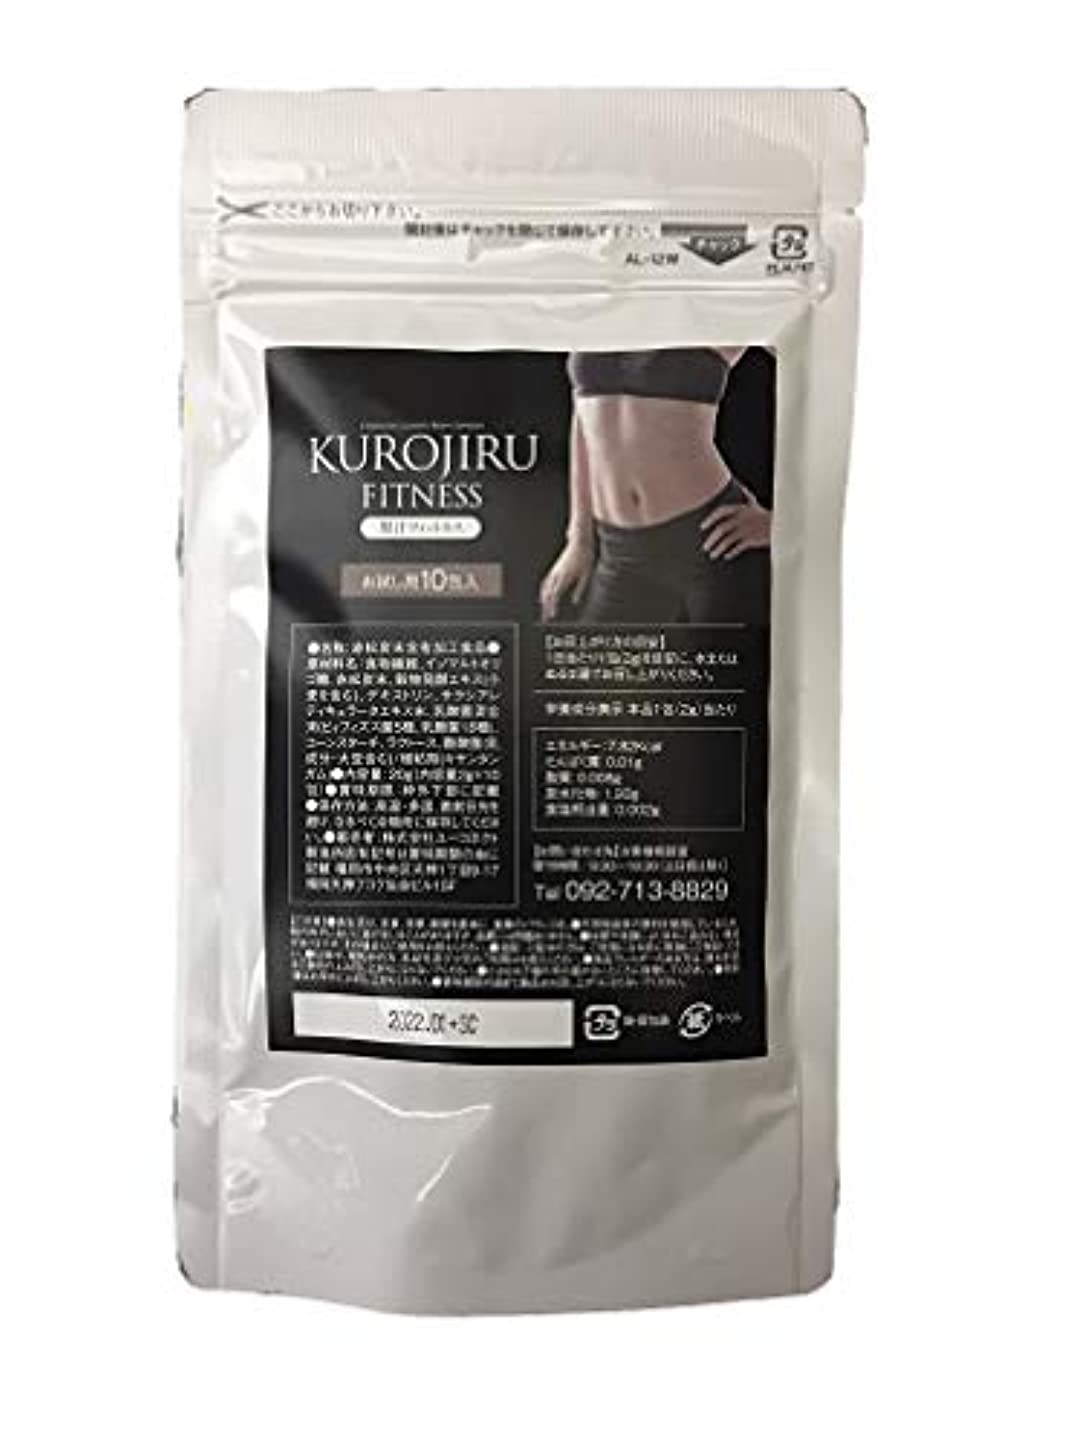 学生読者同性愛者黒汁フィットネス(KUROJIRU FITNESS) 10包 チャコールクレンズ 赤松活性炭 オリゴ糖 サラシアエキス 酵素